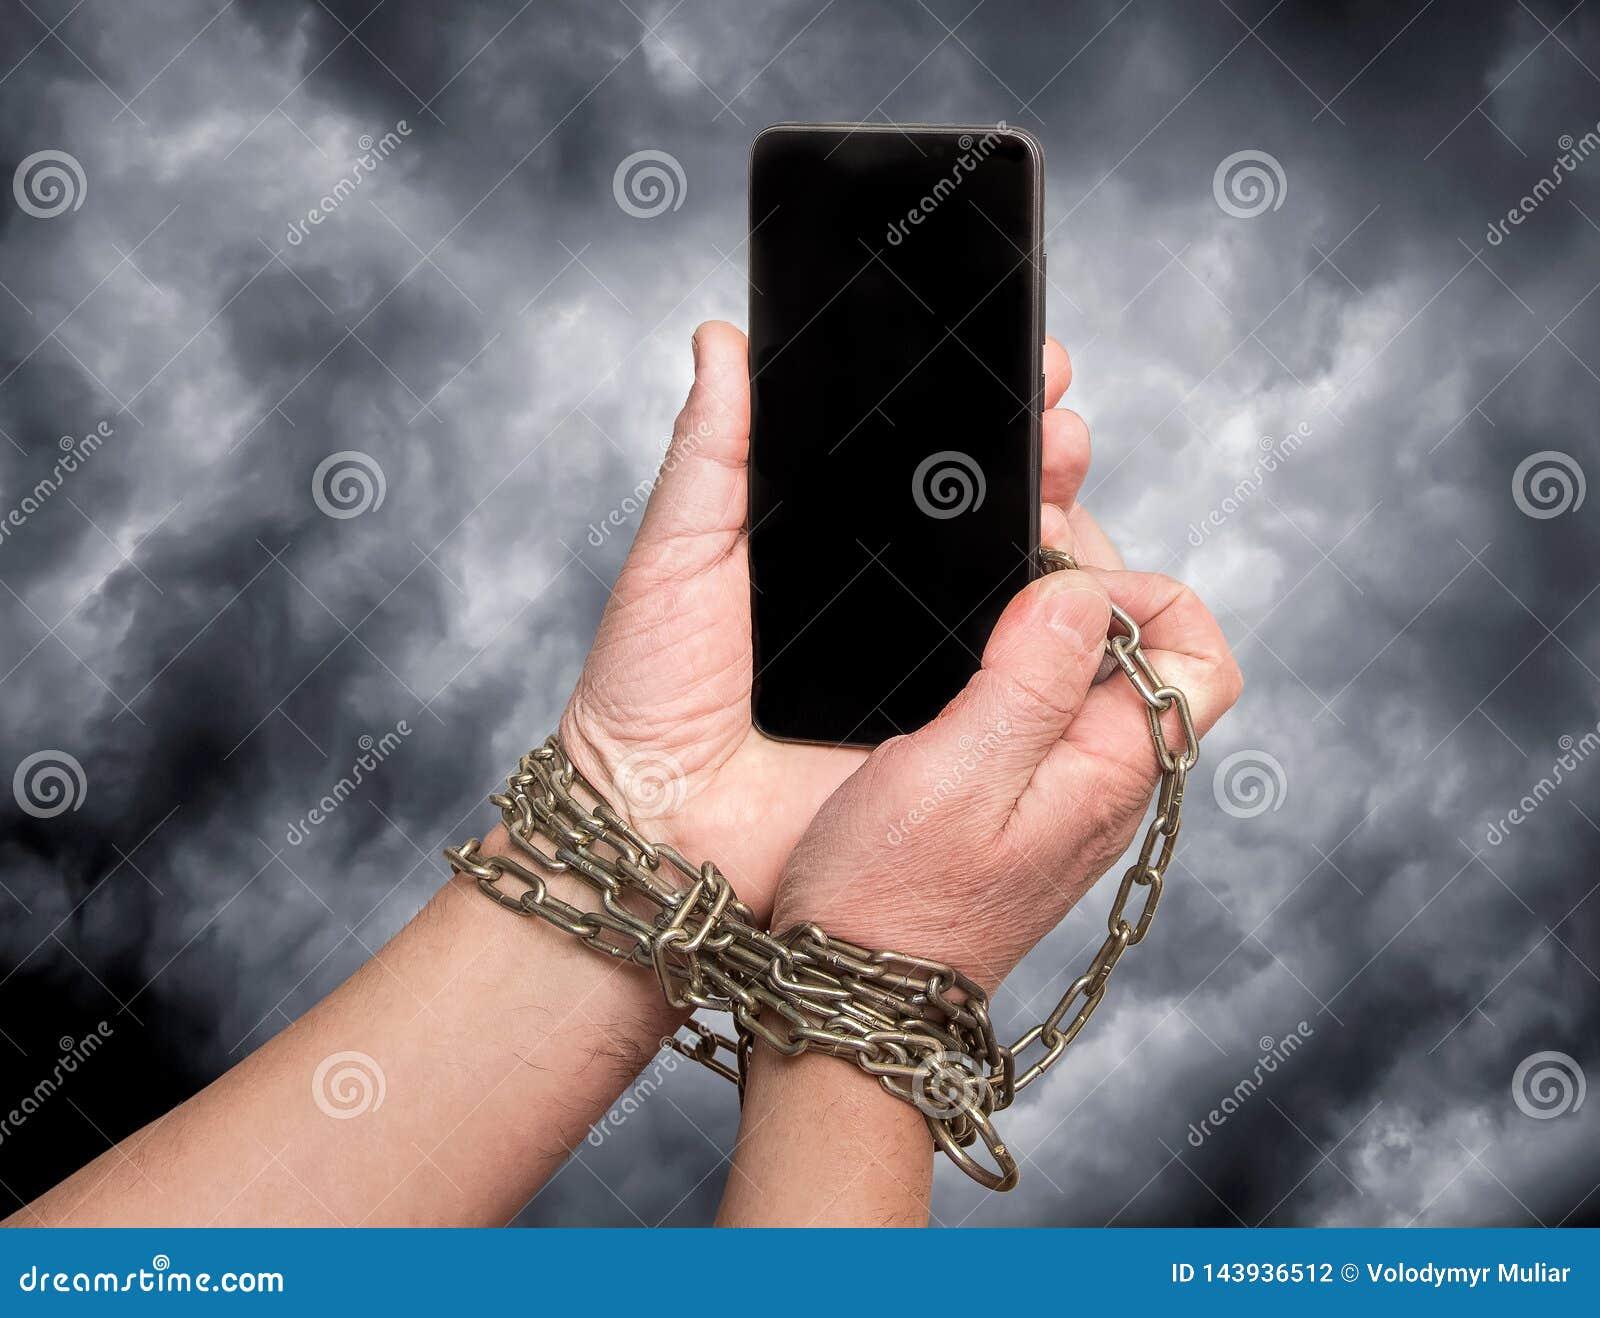 Das Telefon wird an die Hände auf dem dunklen drastischen Himmel des Hintergrundes angekettet Abhängigkeit auf beweglichem phone_